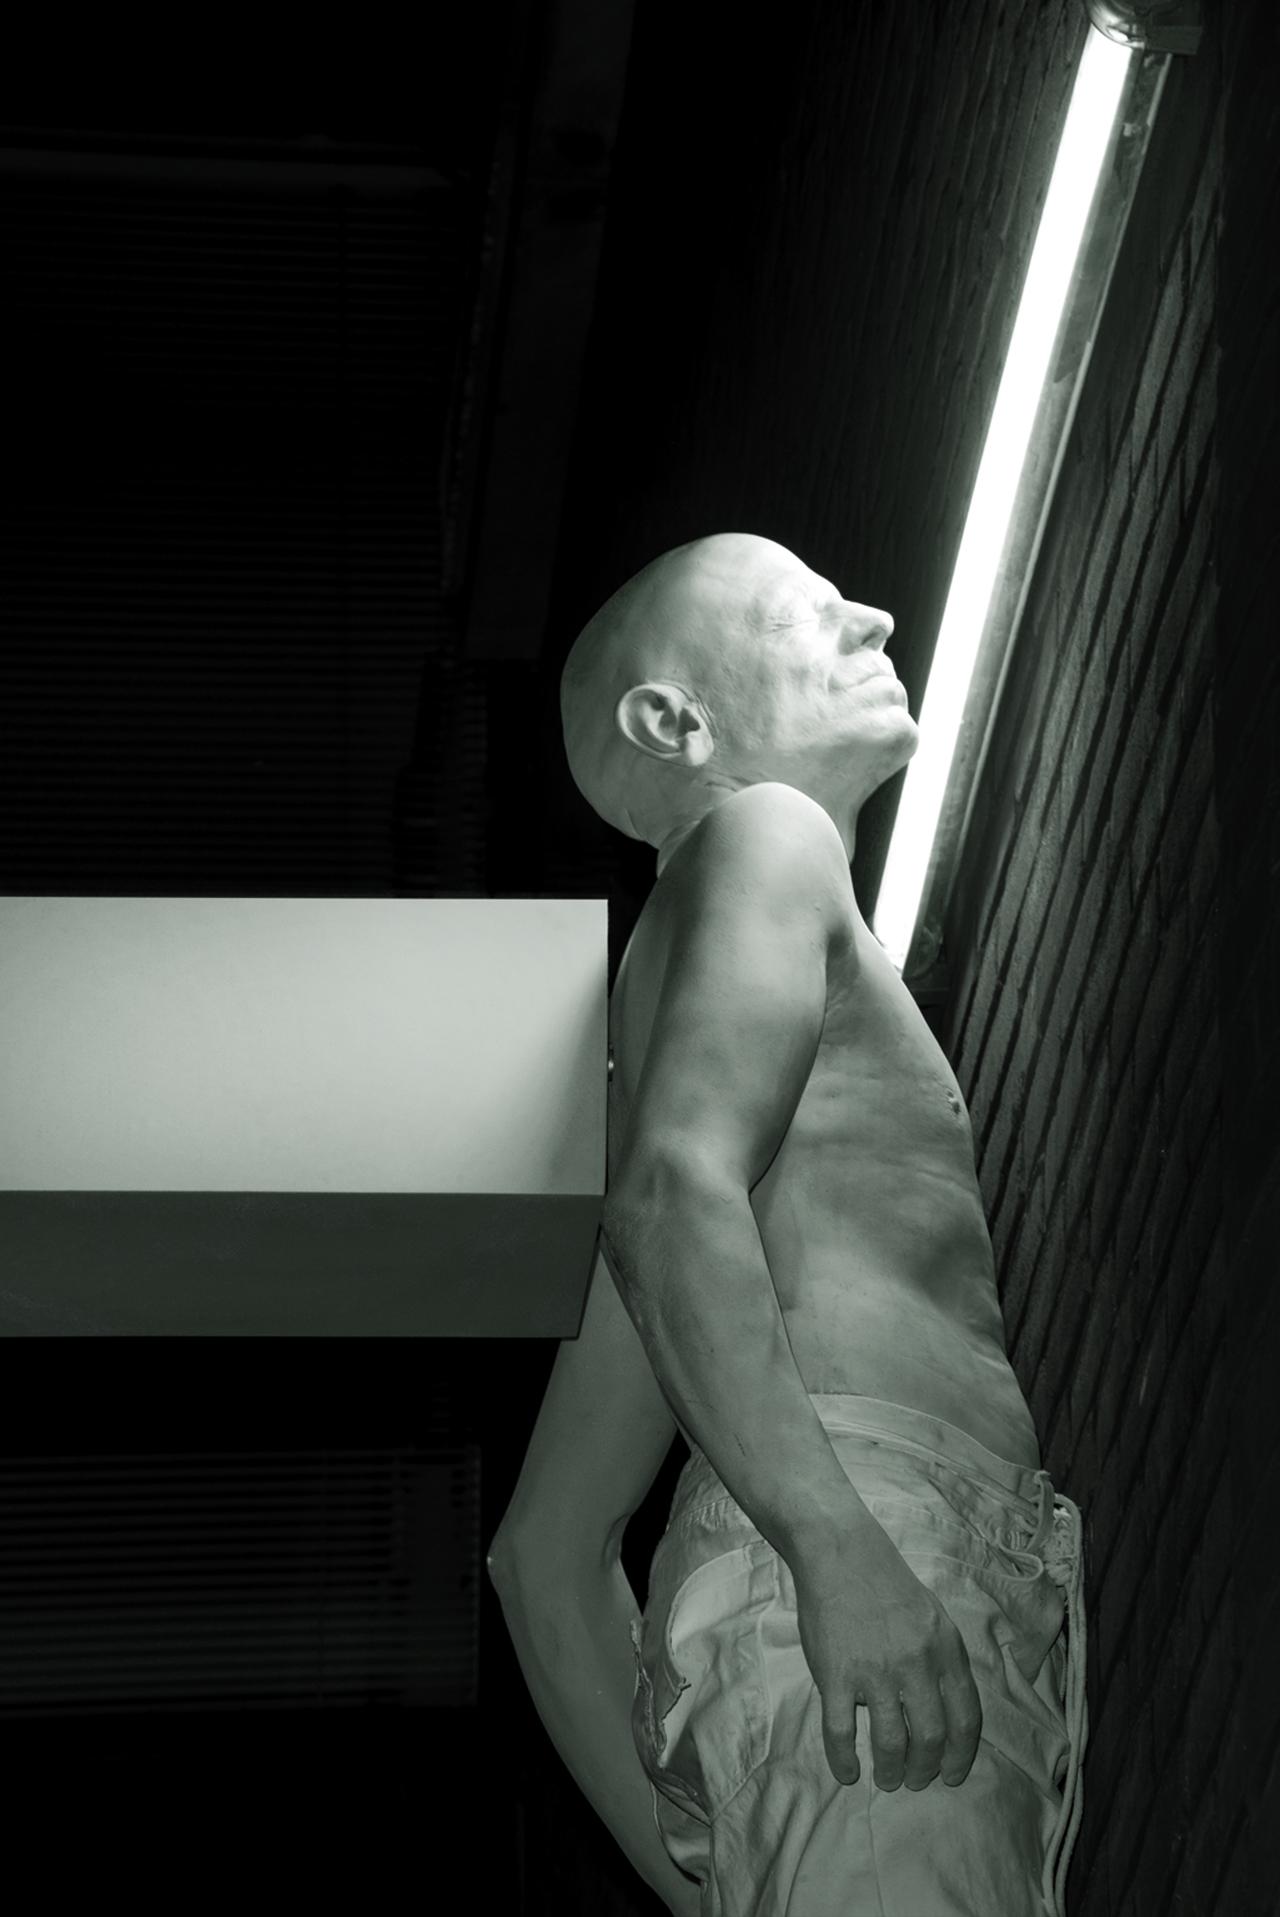 Acteon, 2005 (I)